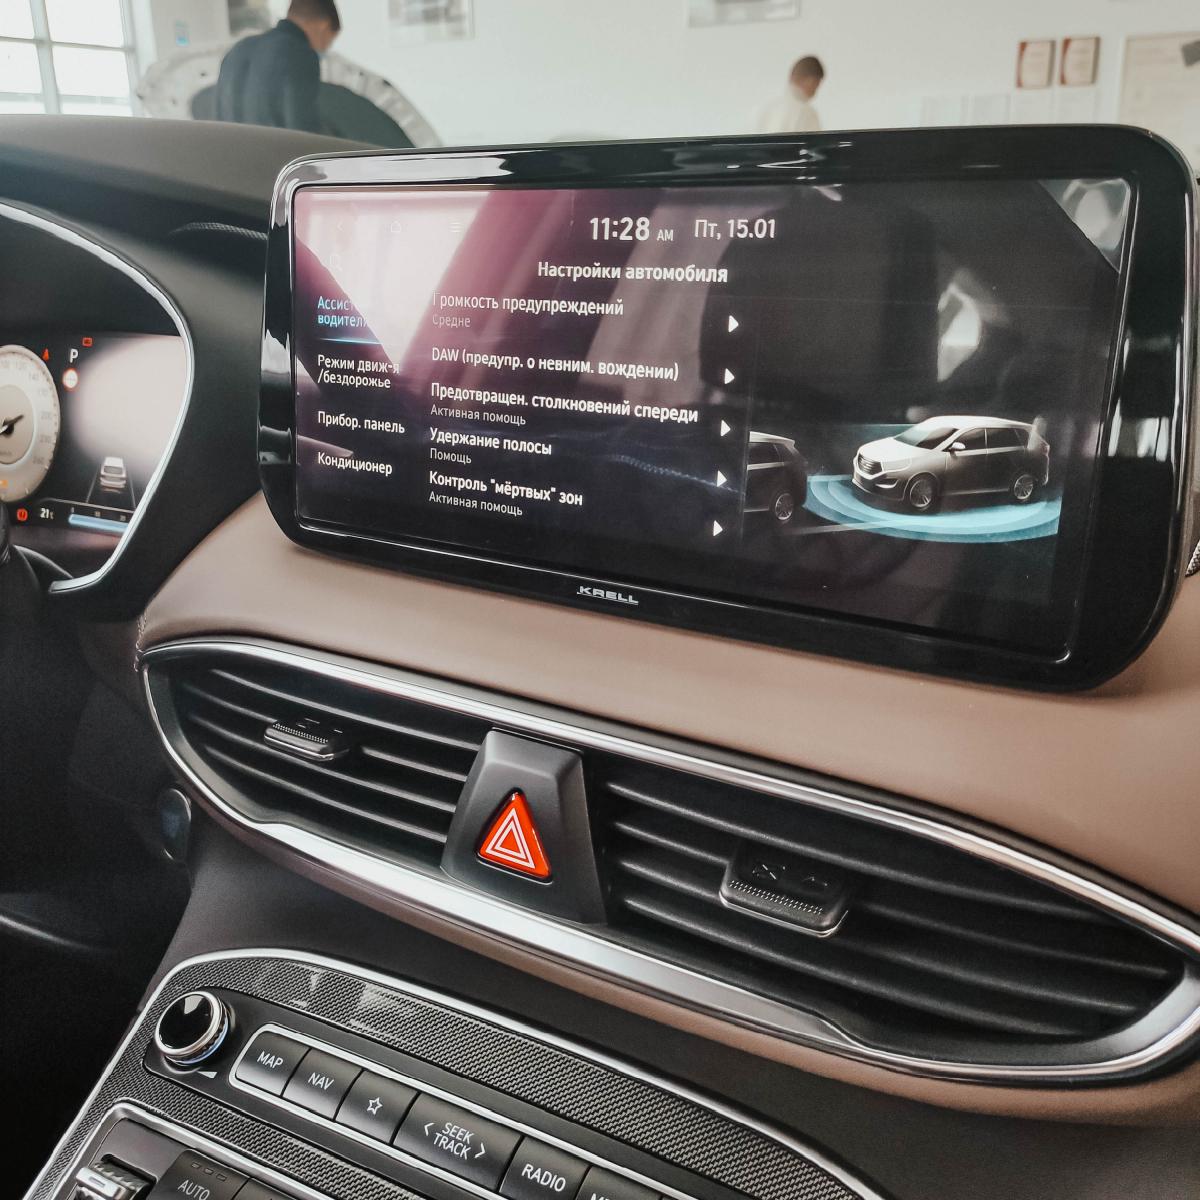 Якби комфорт і розкіш можна було б описати - це був би Hyundai Santa Fe! | Хюндай Мотор Україна - фото 10